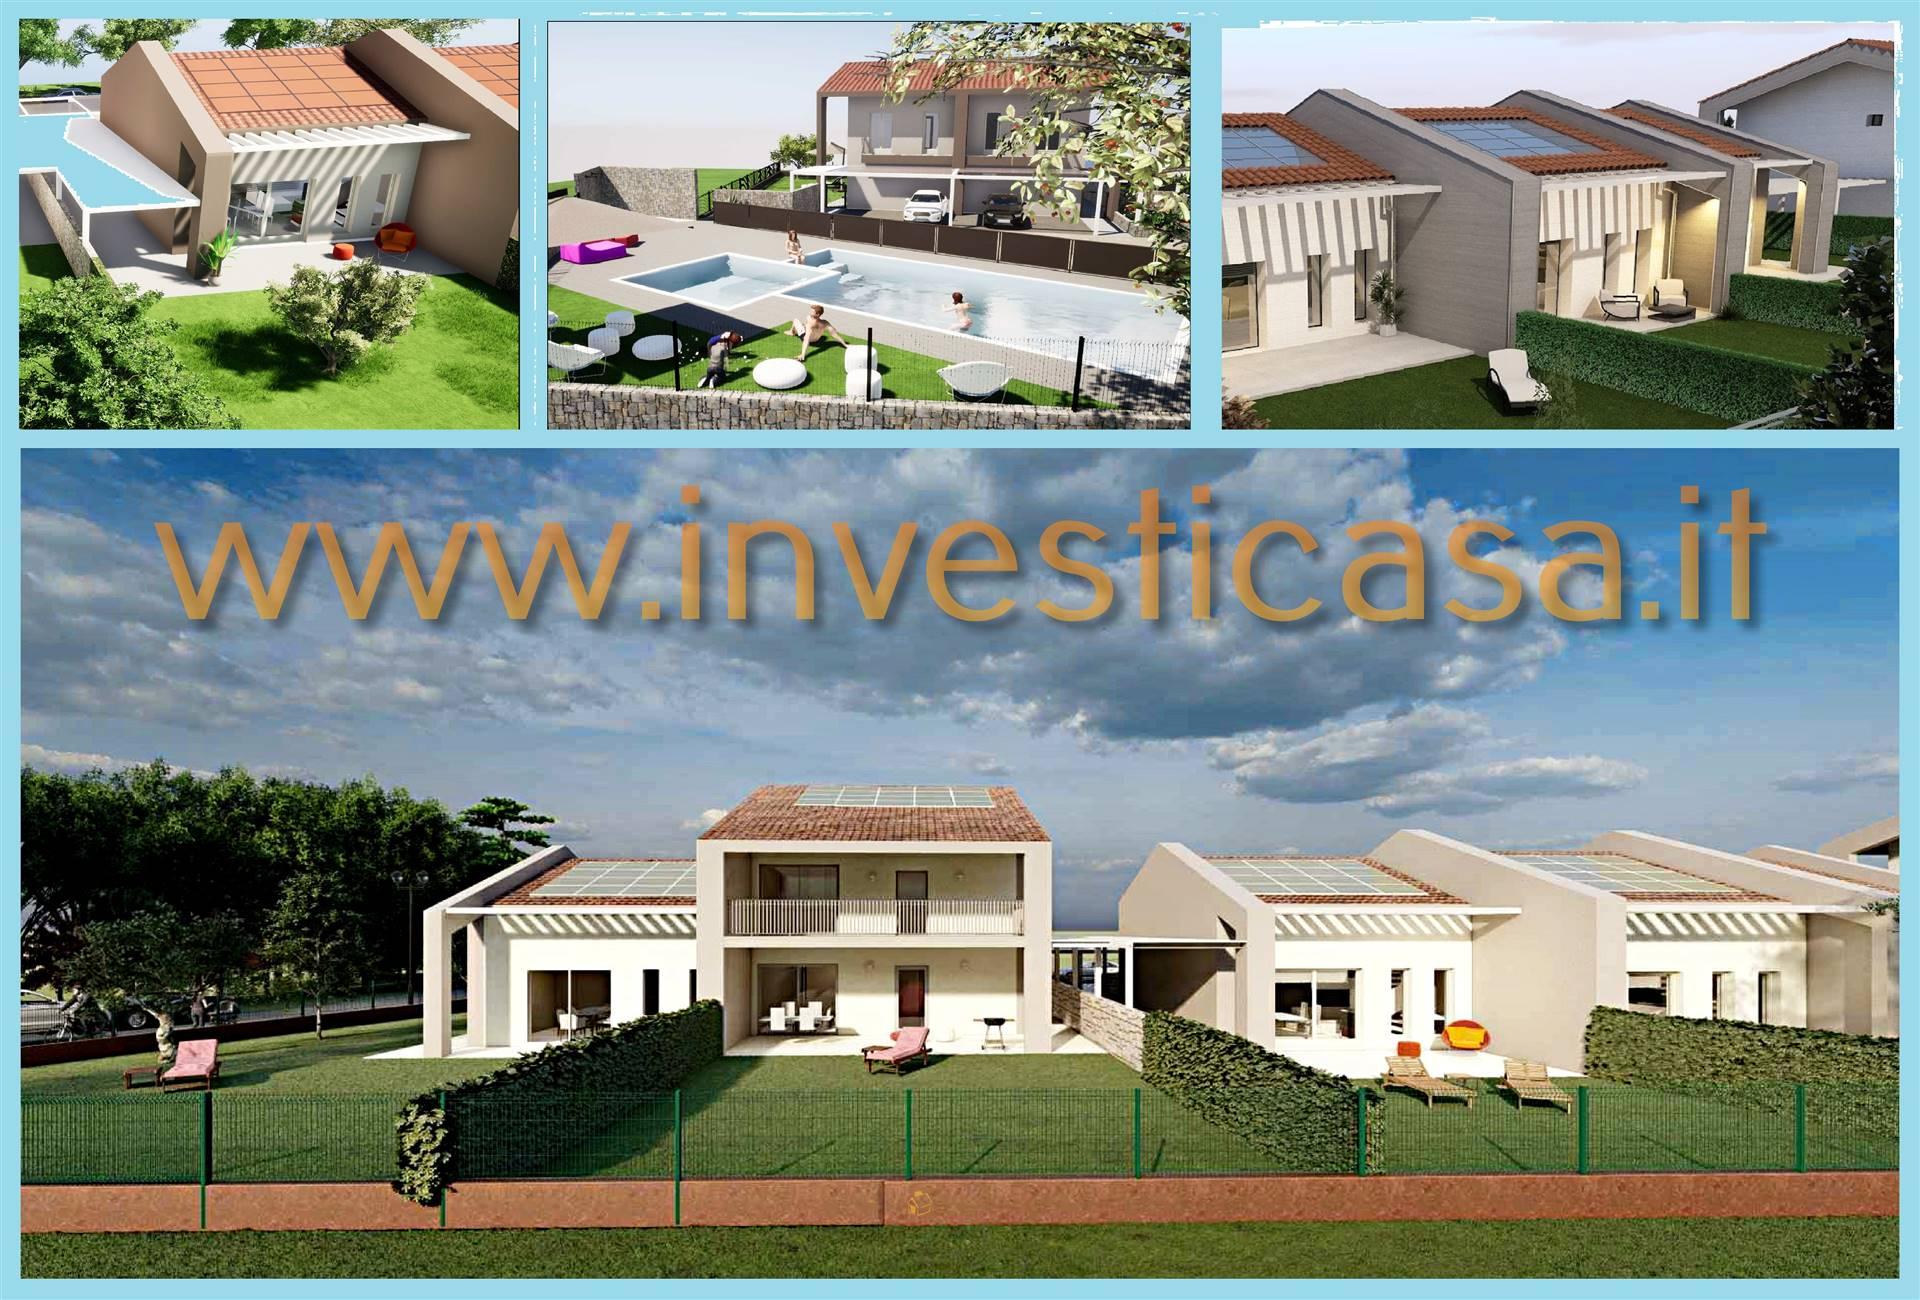 Appartamento in vendita a Costermano, 4 locali, zona Località: CASTION VERONESE, prezzo € 285.000 | CambioCasa.it